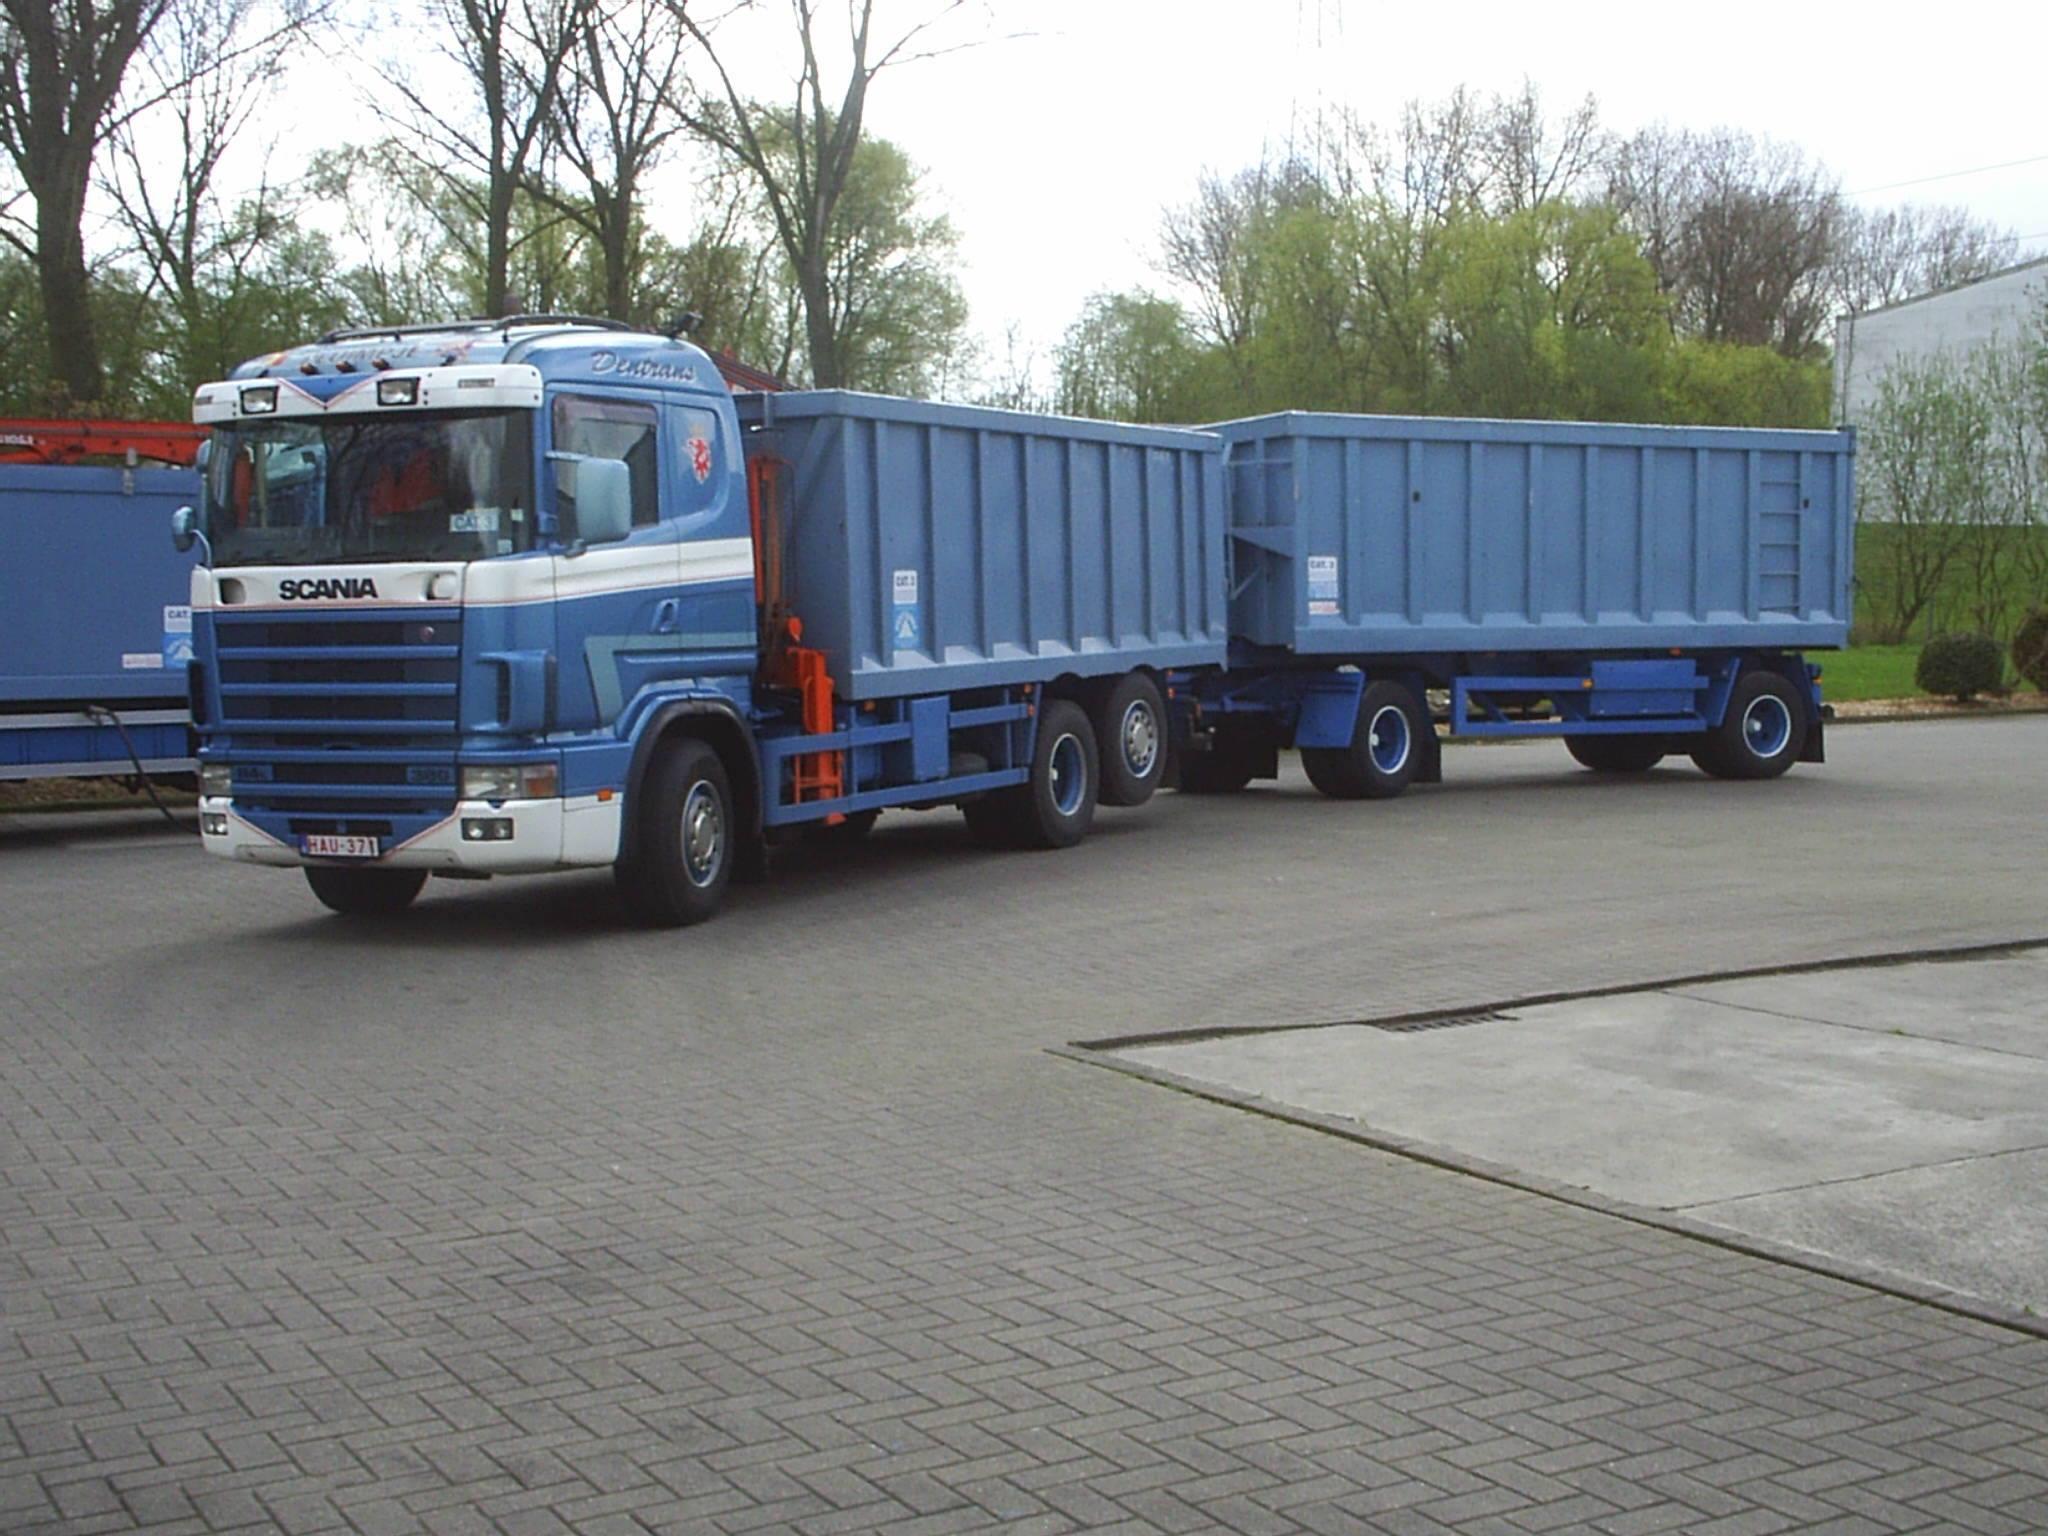 Scania--Jos-in-Mollem-op-den-hof